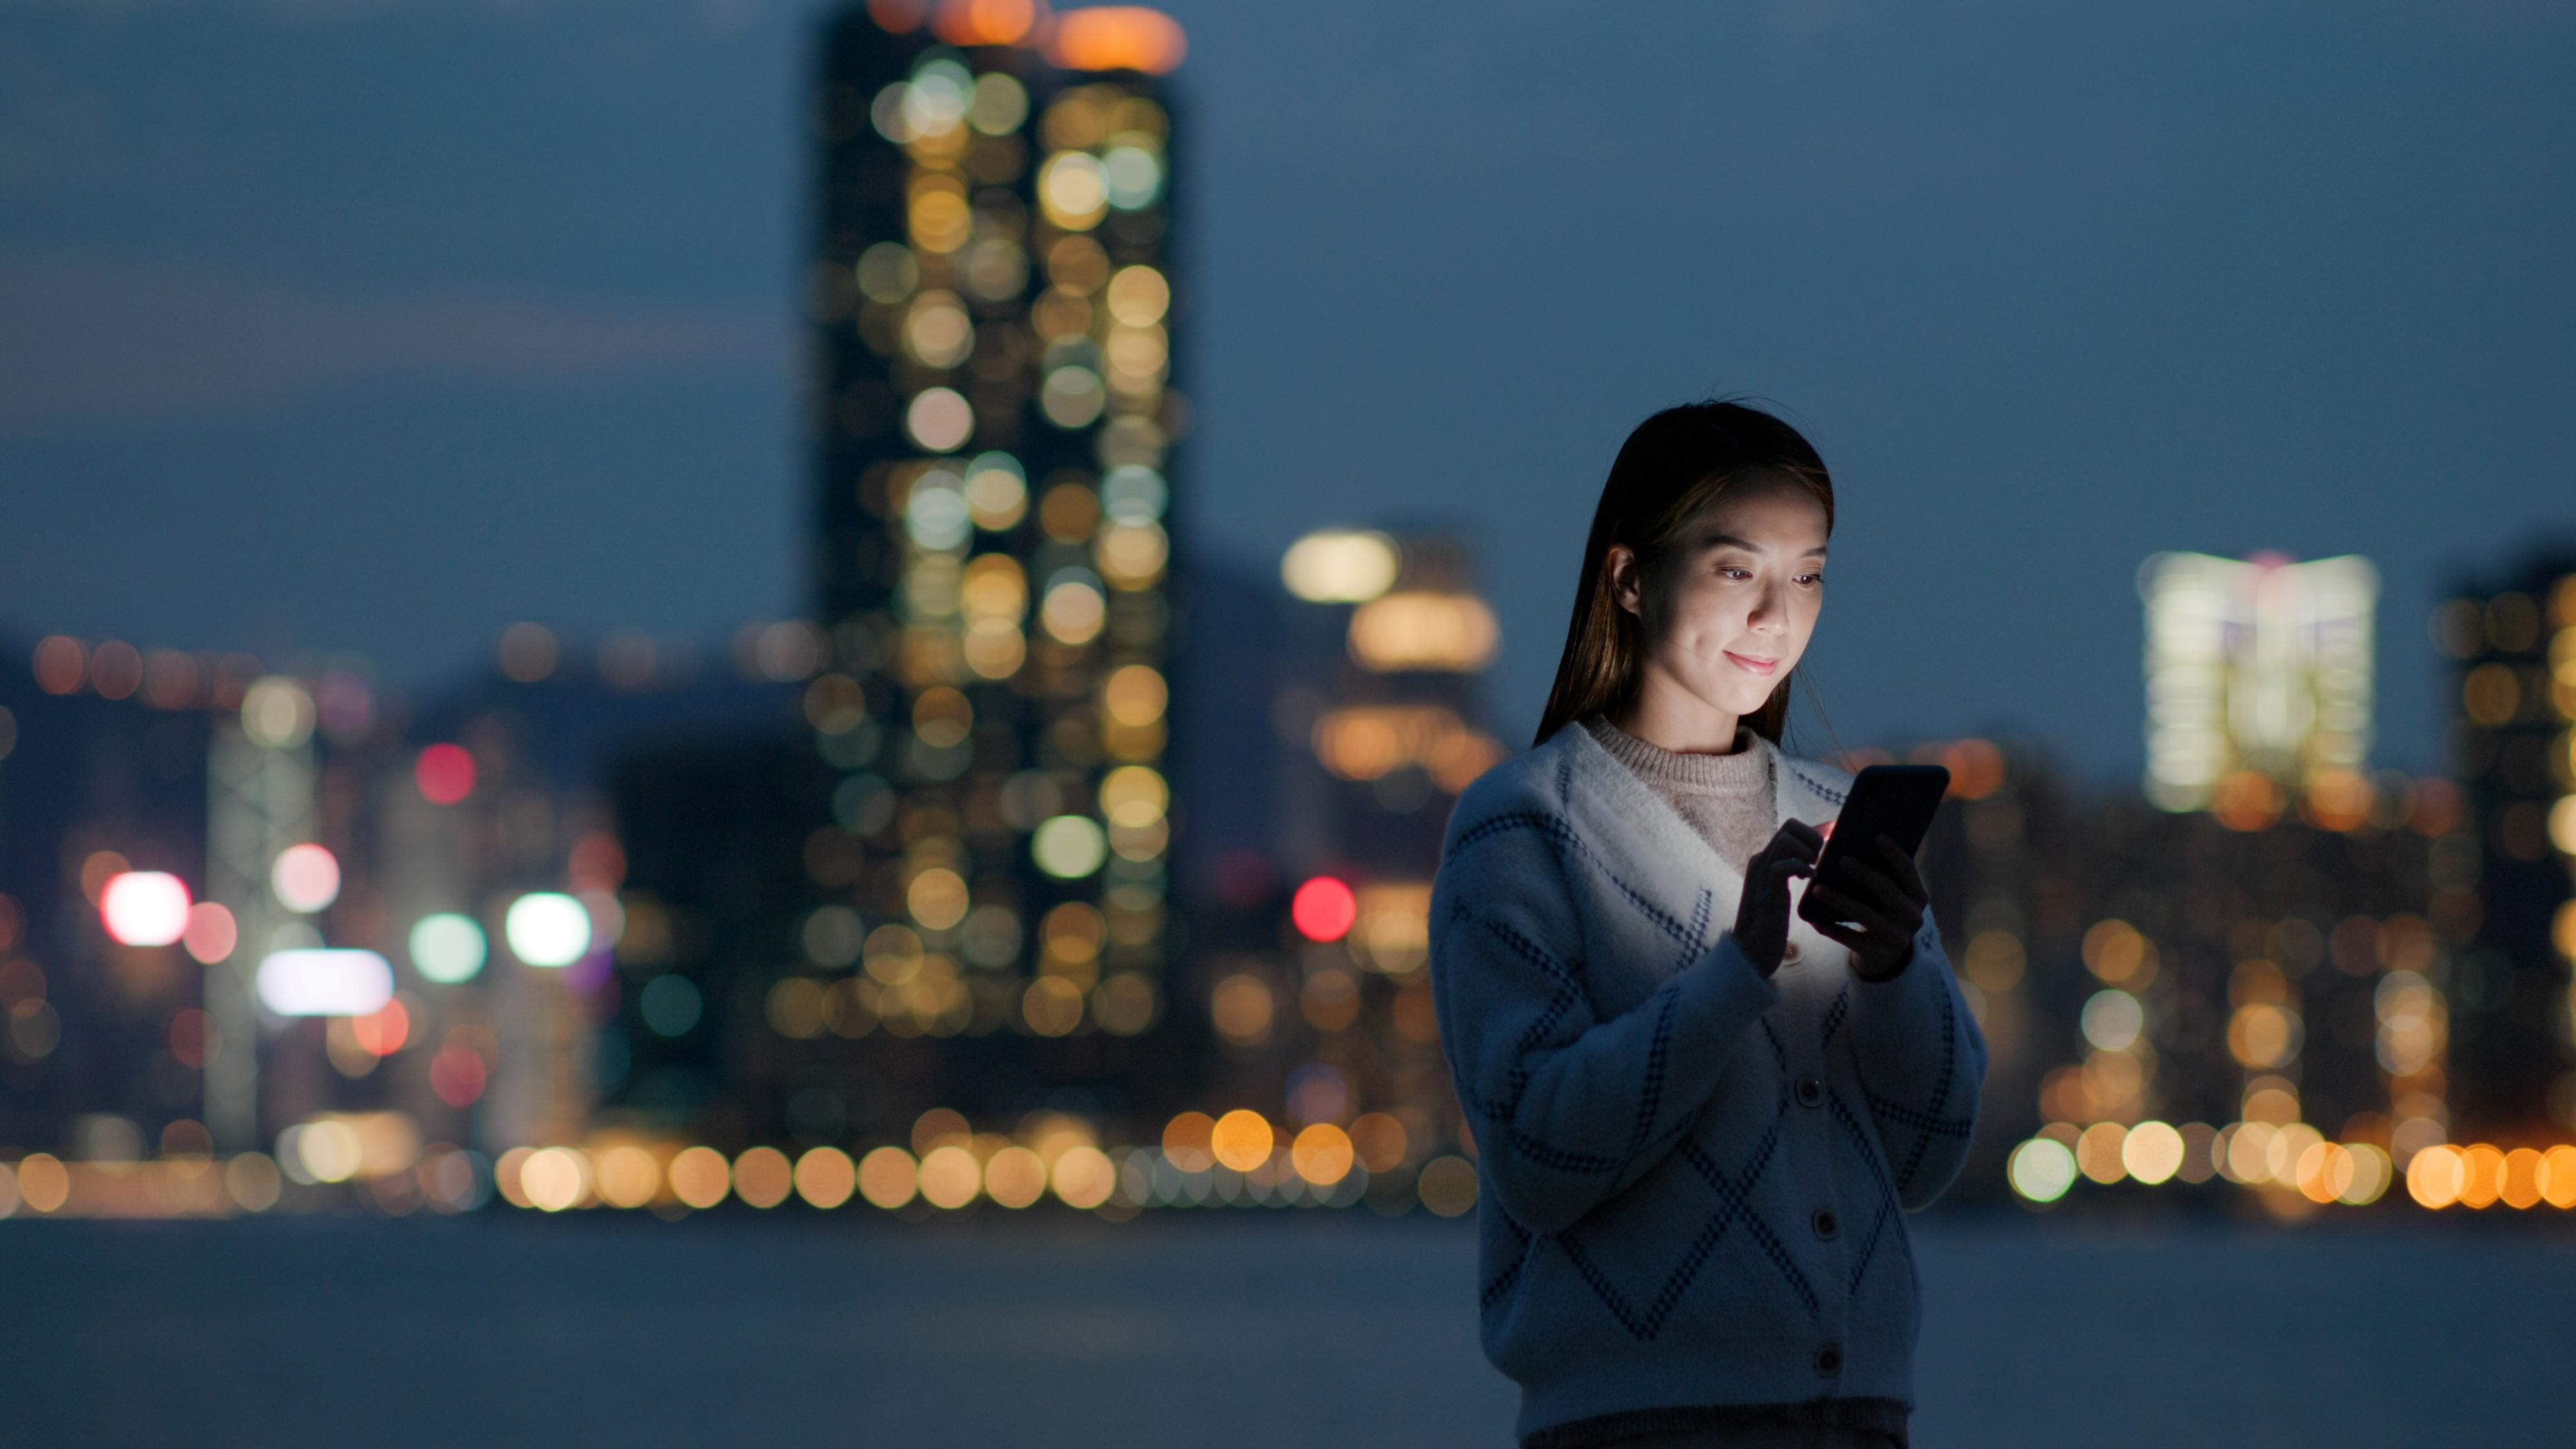 Tehnologia 5G aduce modificări în comportamentul de utilizare a smartphone-urilor